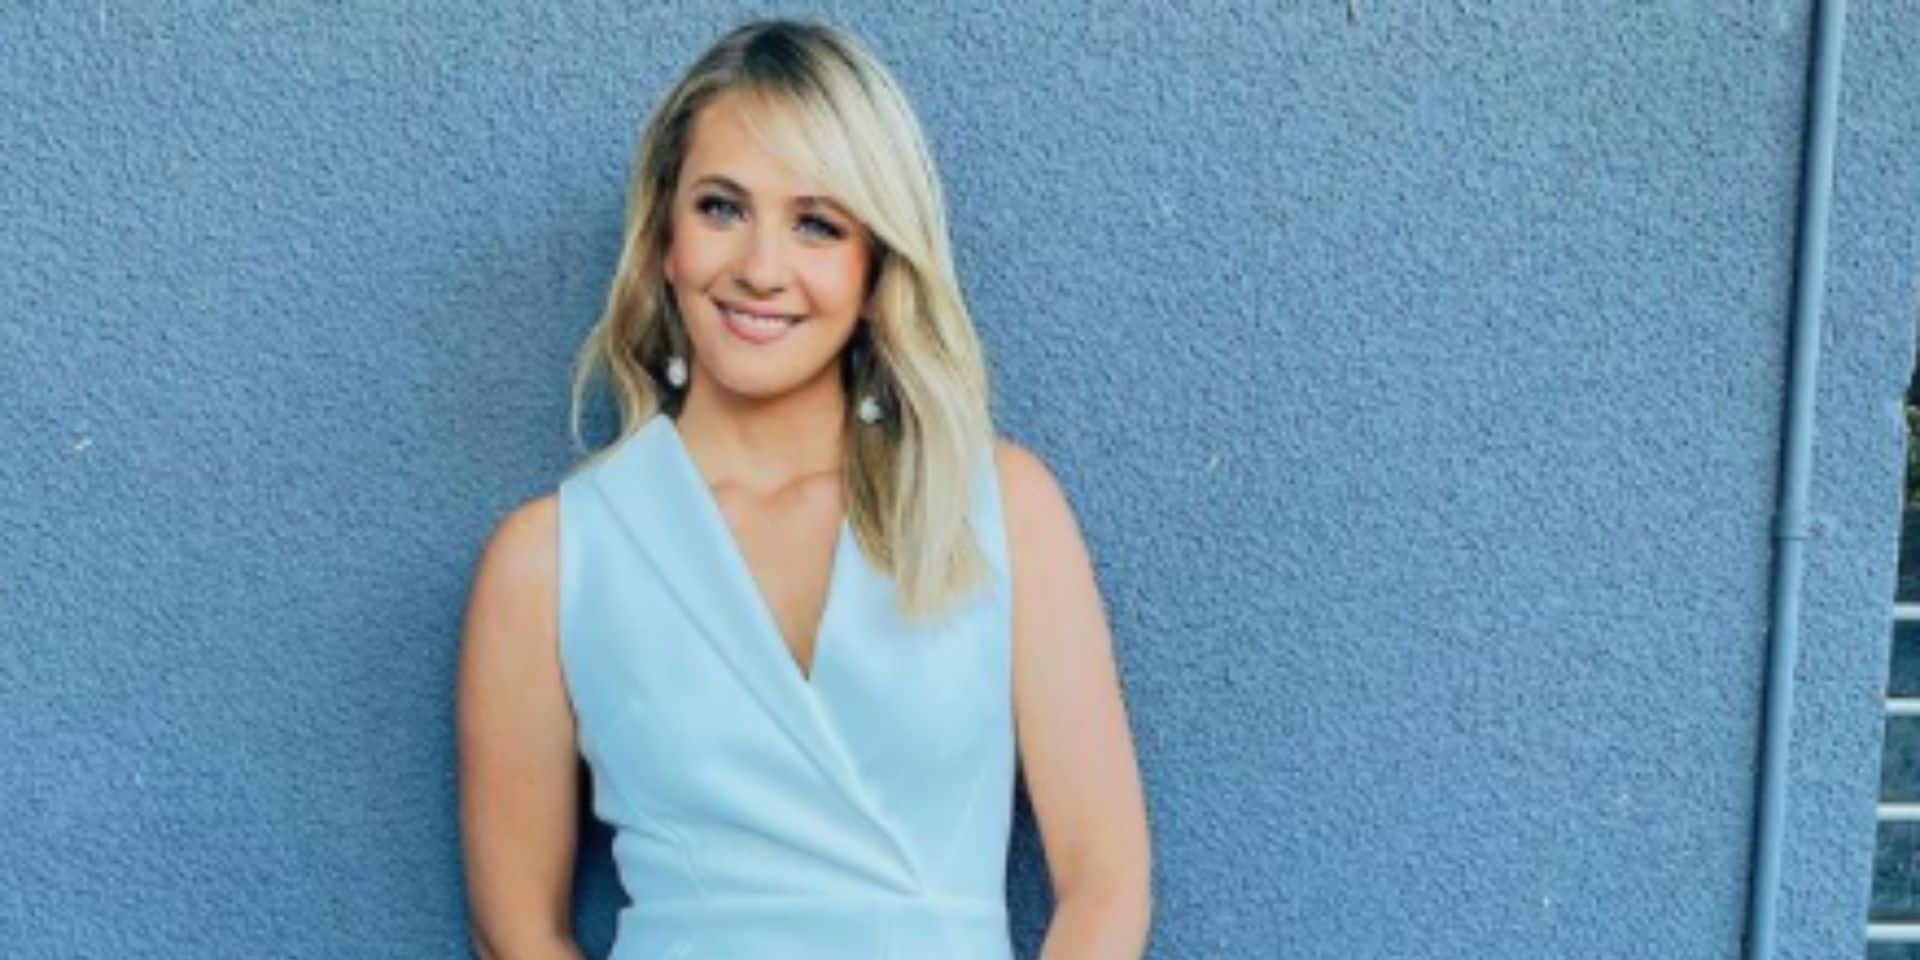 Blanche ou bleue: de quelle couleur voyez-vous cette robe ?